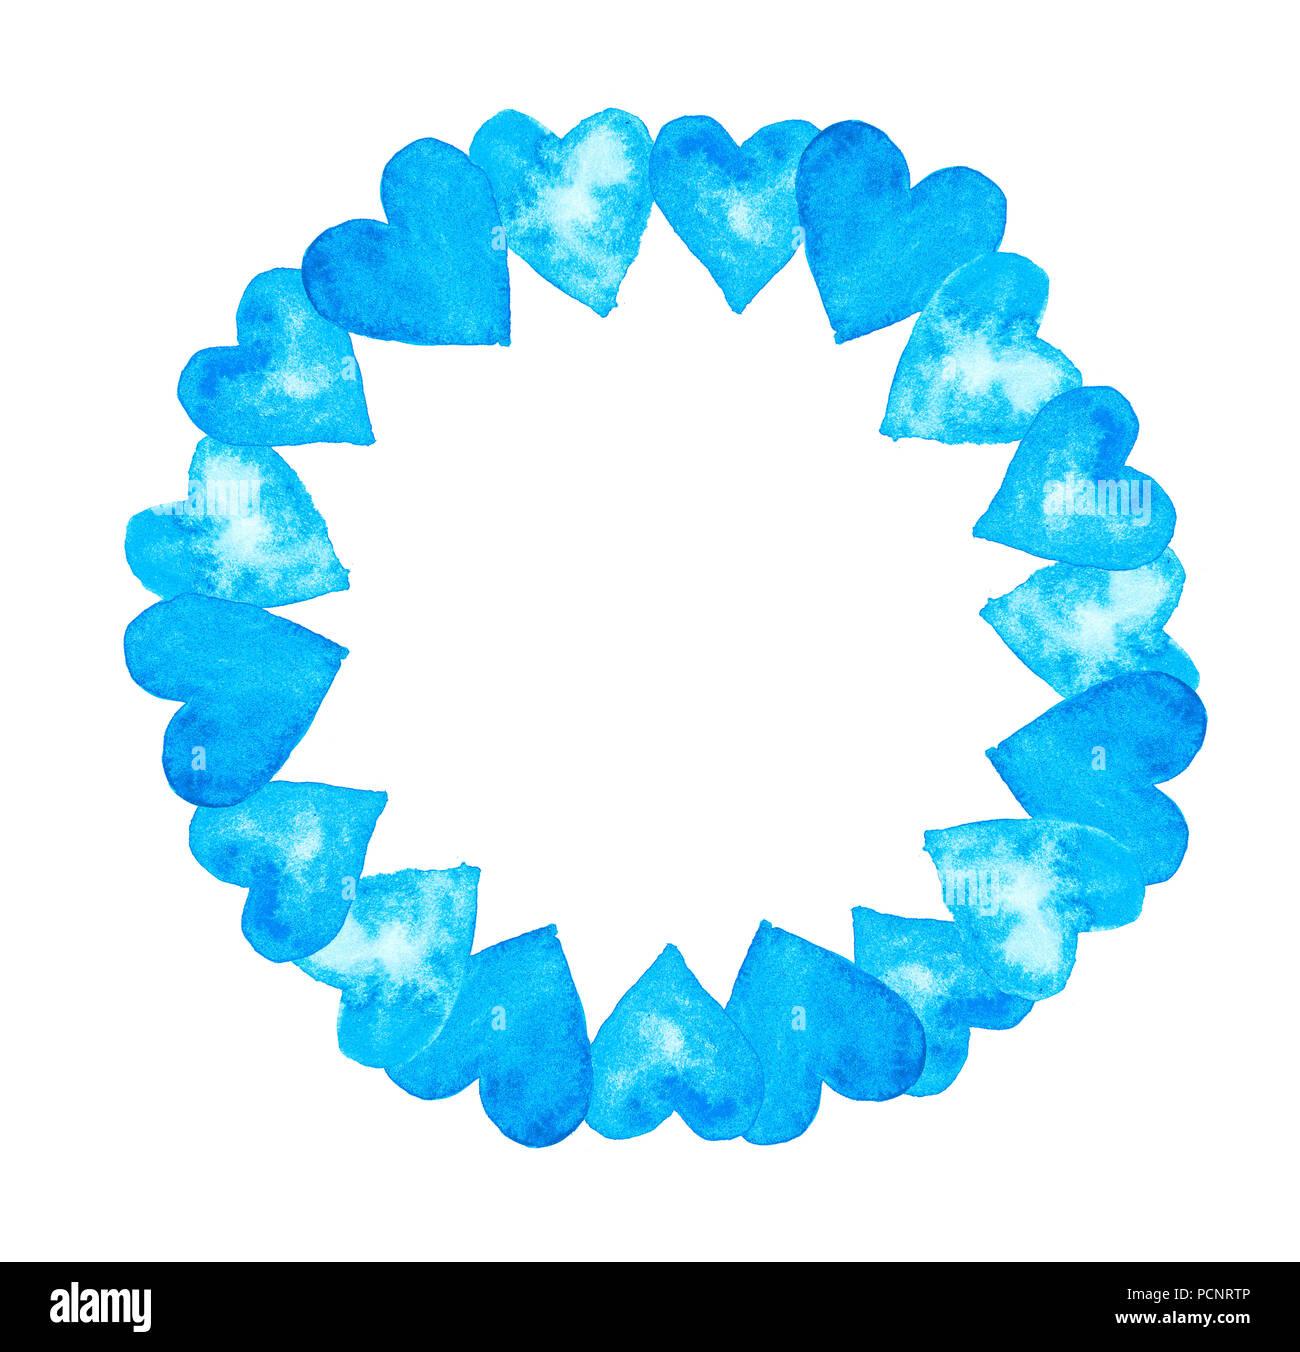 Kranz Einen Kreis Aus Aquarell Herzen In Den Farben Blau Türkis